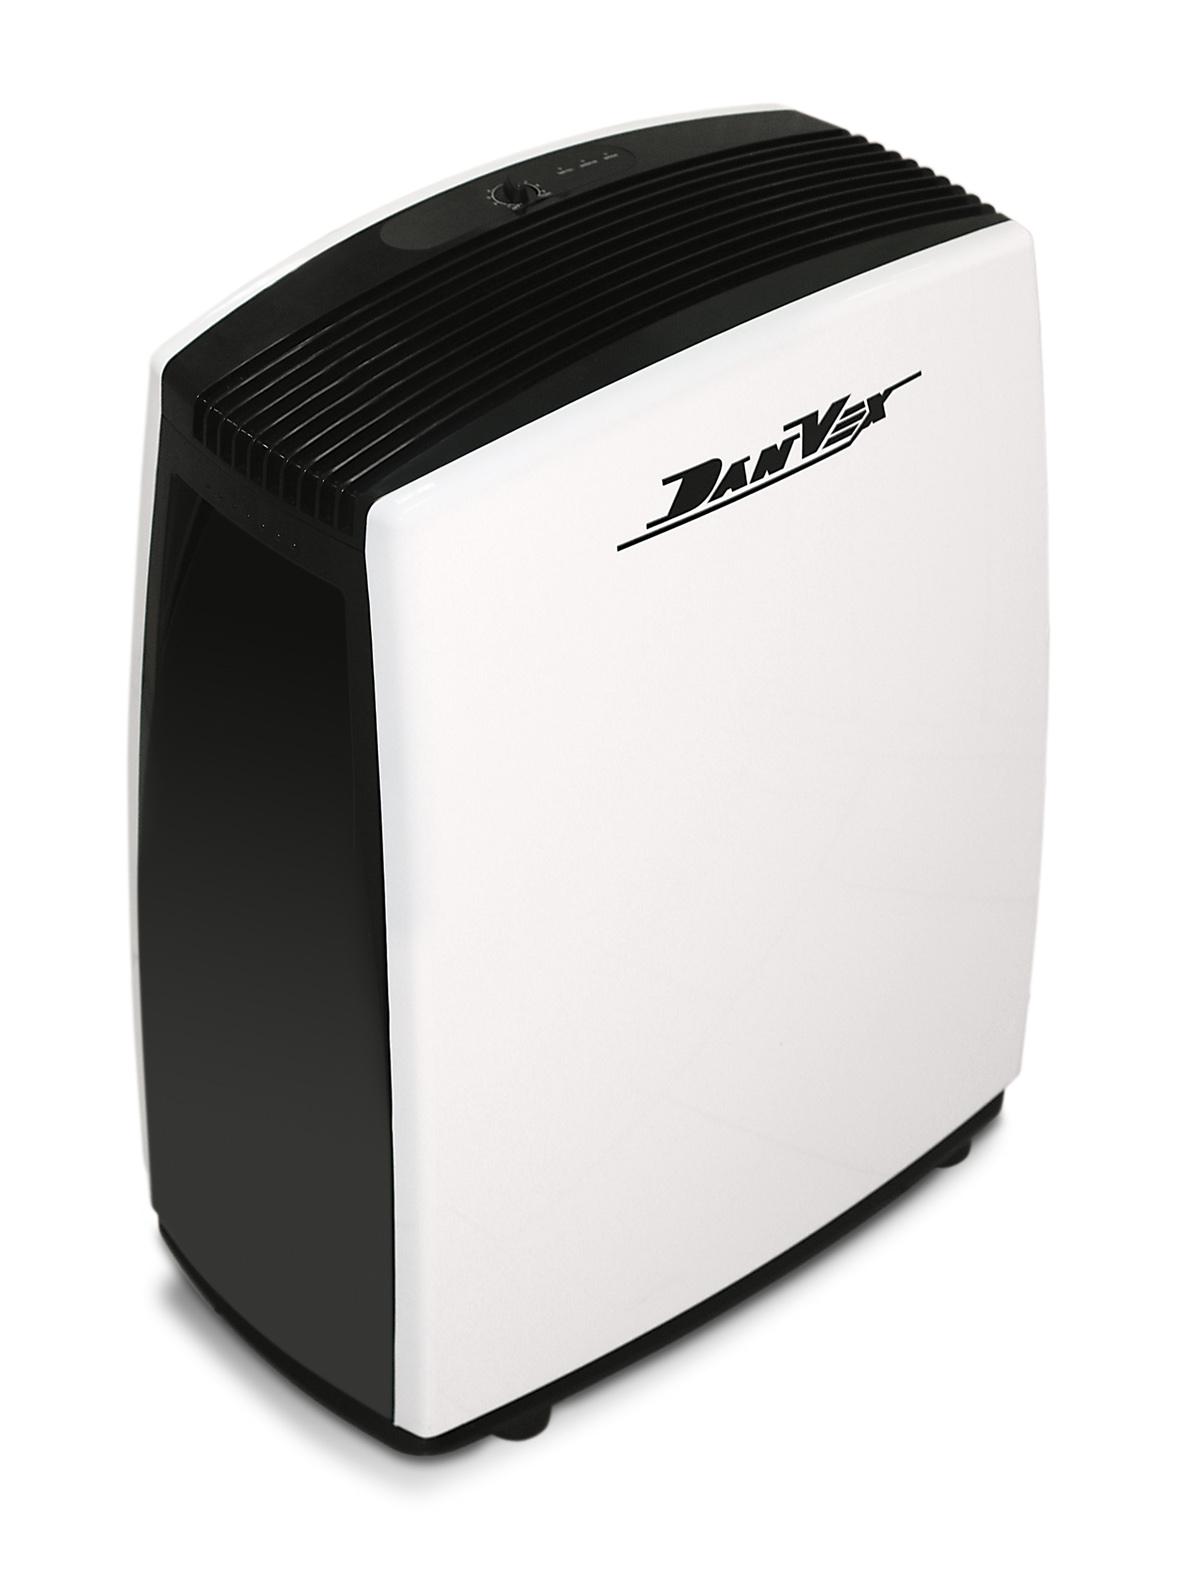 Осушитель воздуха DanVex DEH-600р